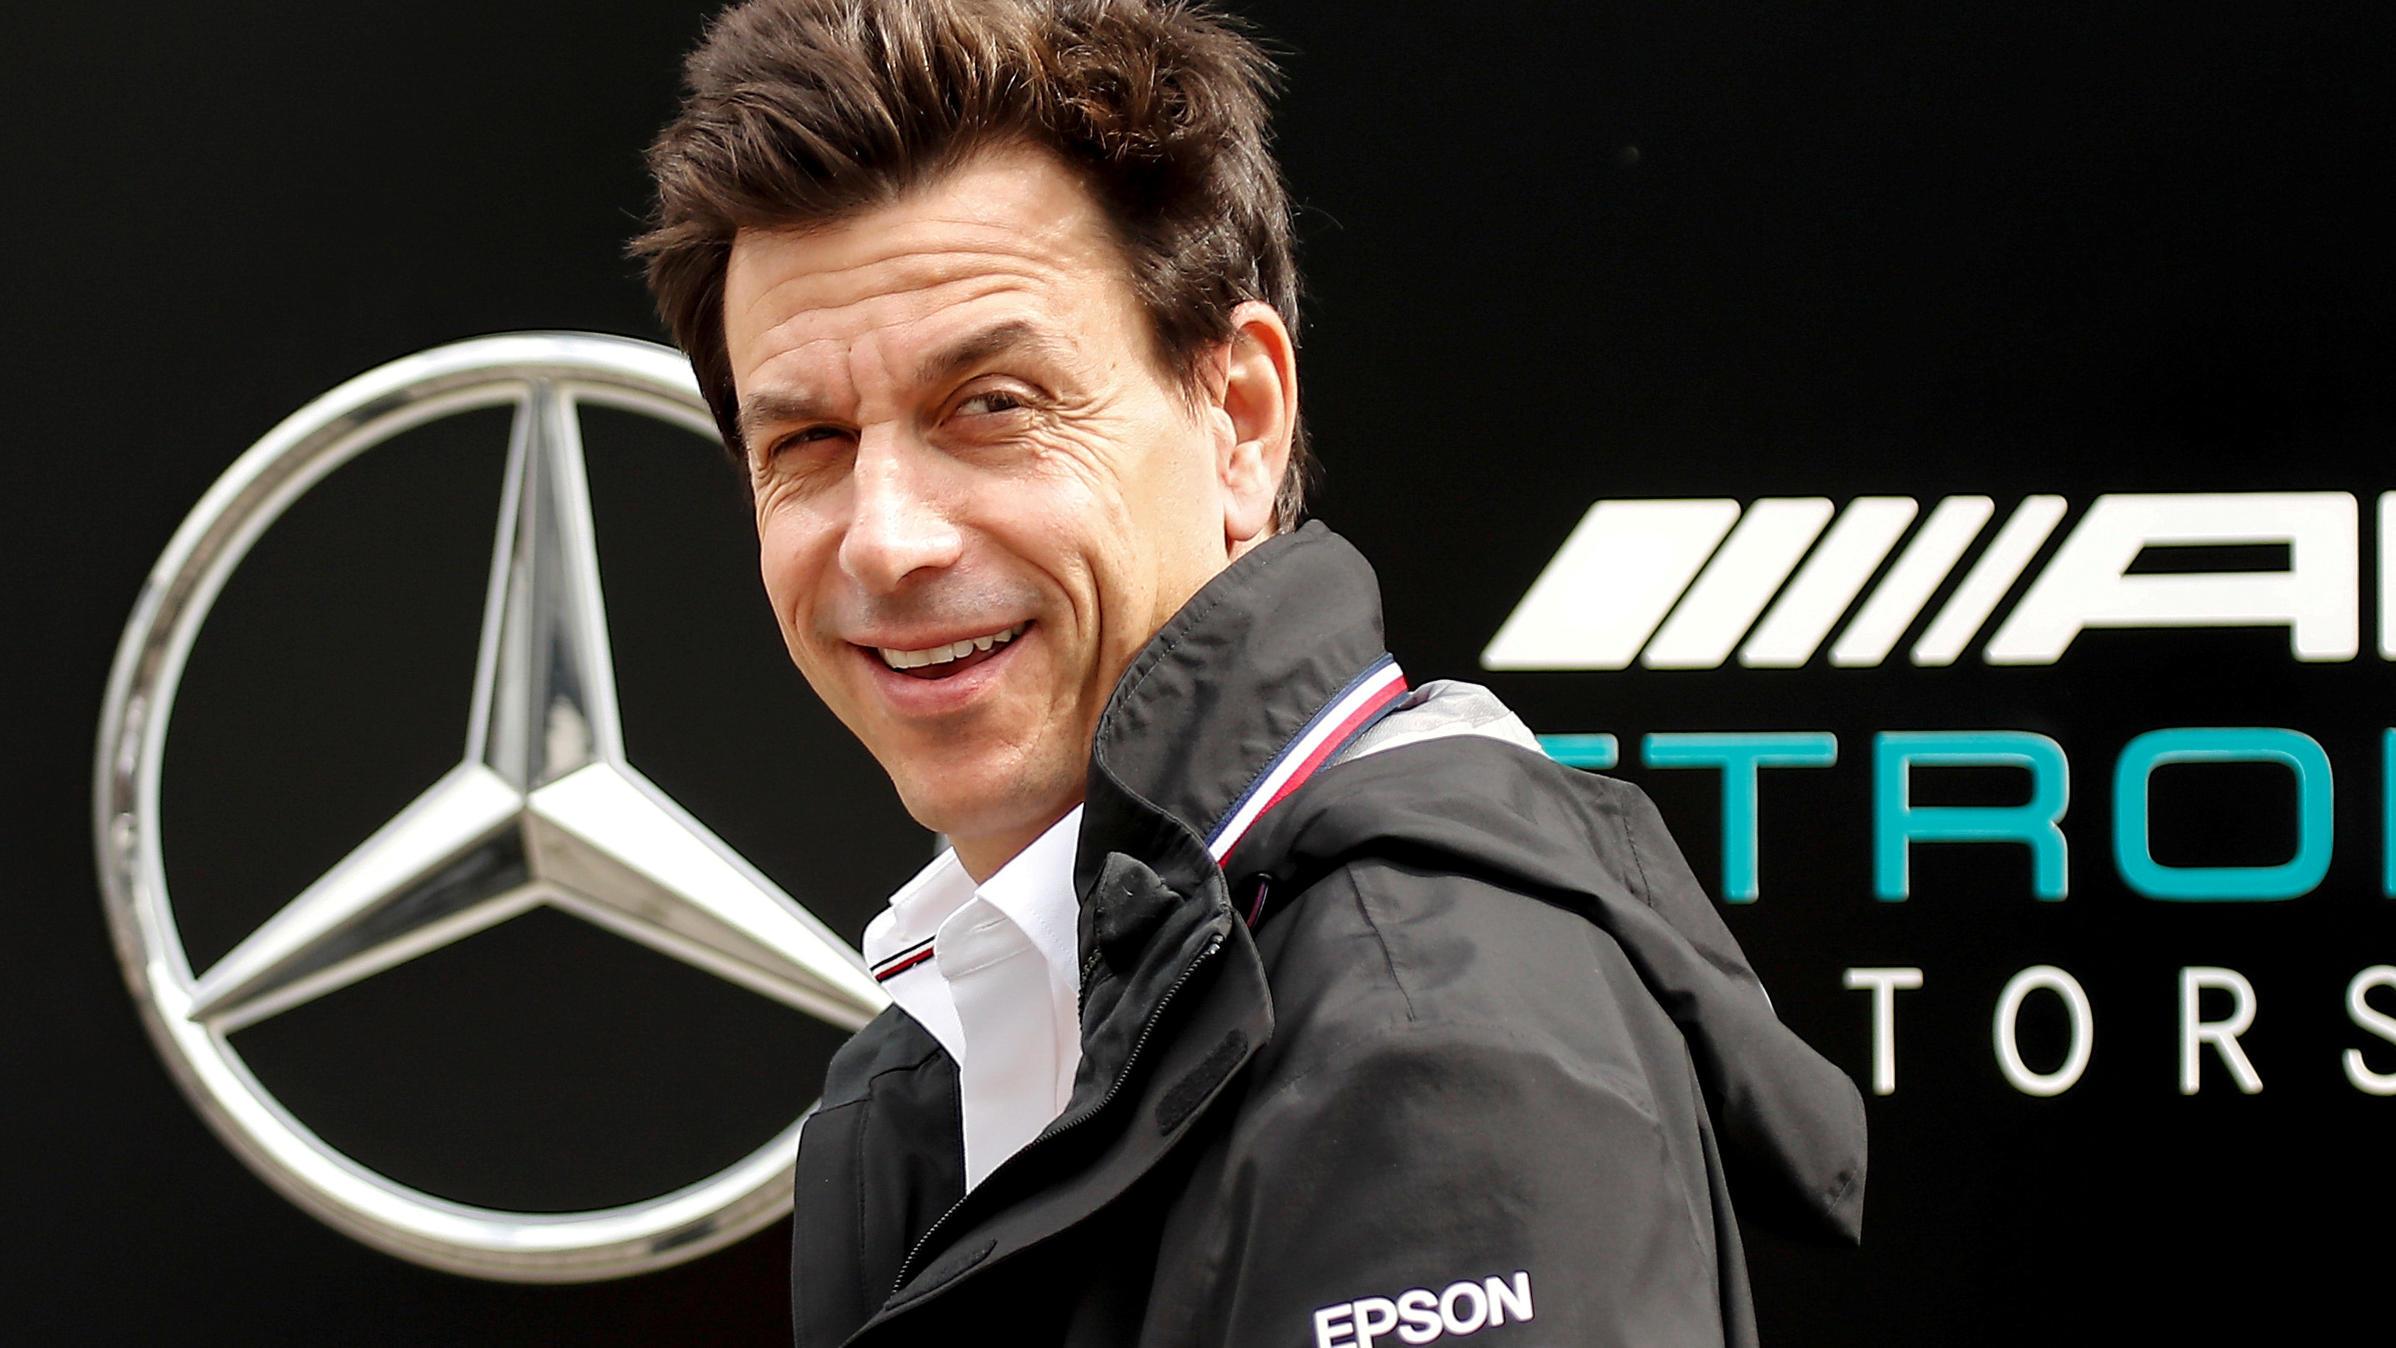 Bahnt sich ein Mercedes-Hammer in der Formel 1 an? Toto Wolff soll vor Rückzug als Teamchef stehen